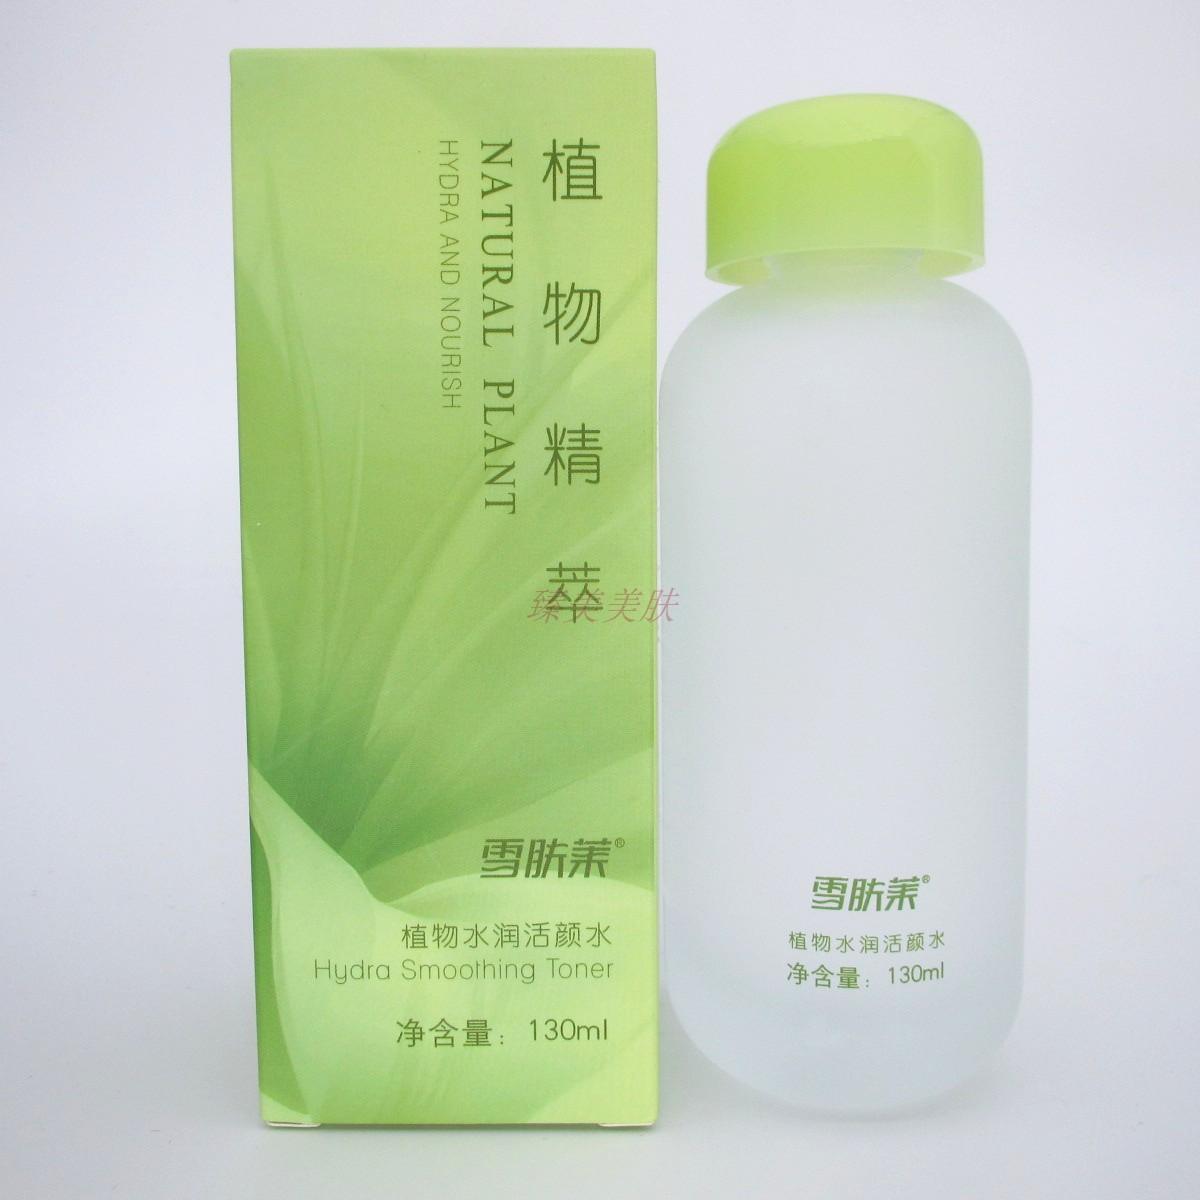 雪肤莱 植物水润活颜水 130g 补水保湿爽肤水化妆水